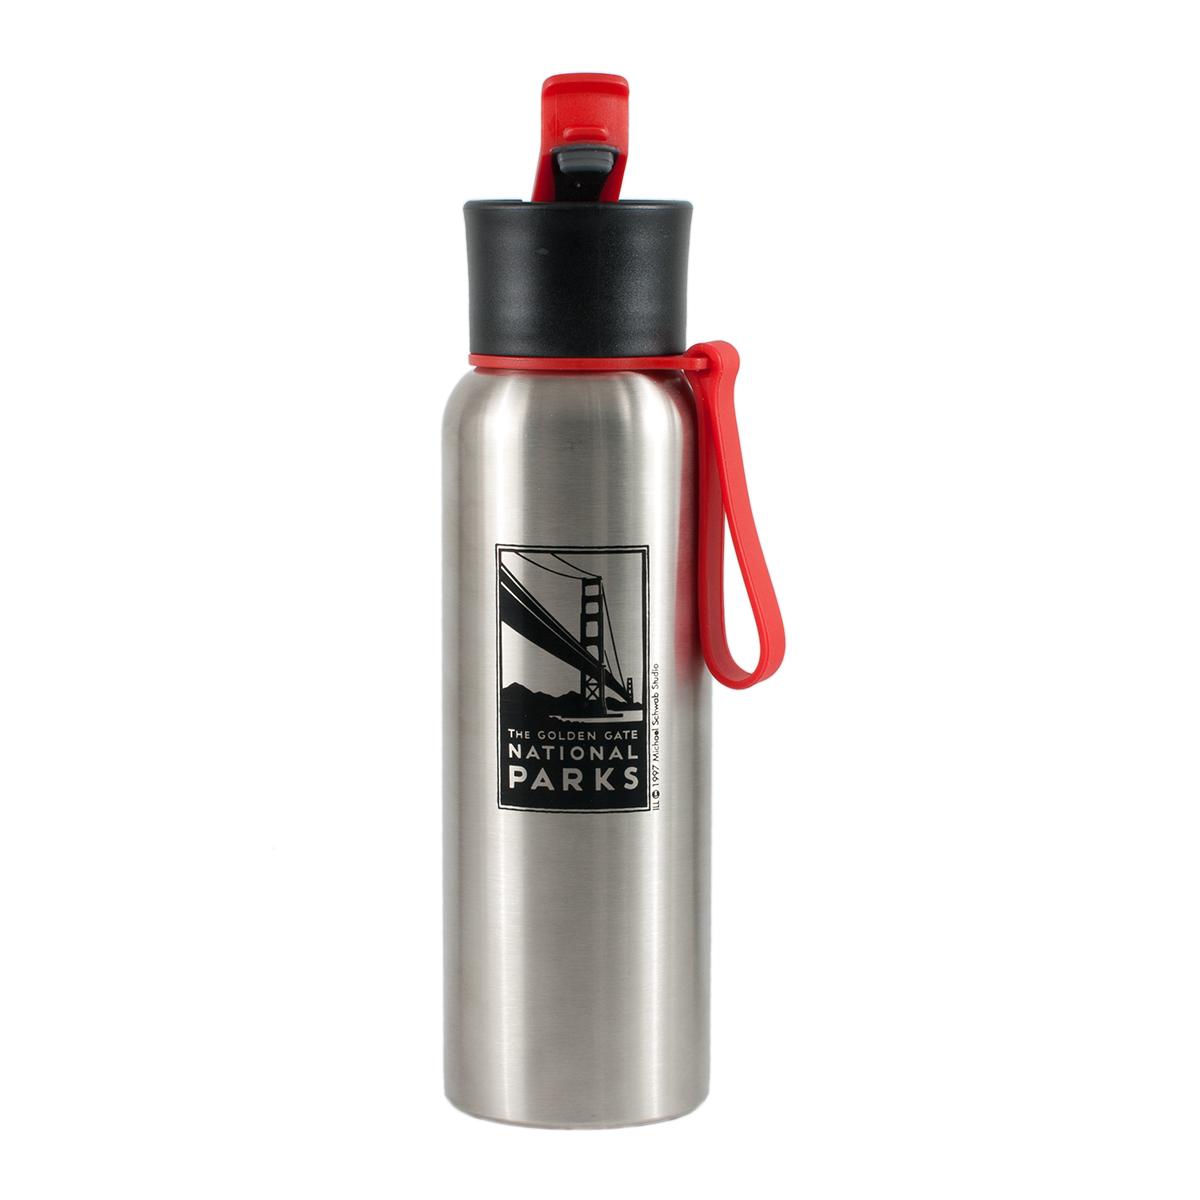 Golden Gate National Parks Water Bottle